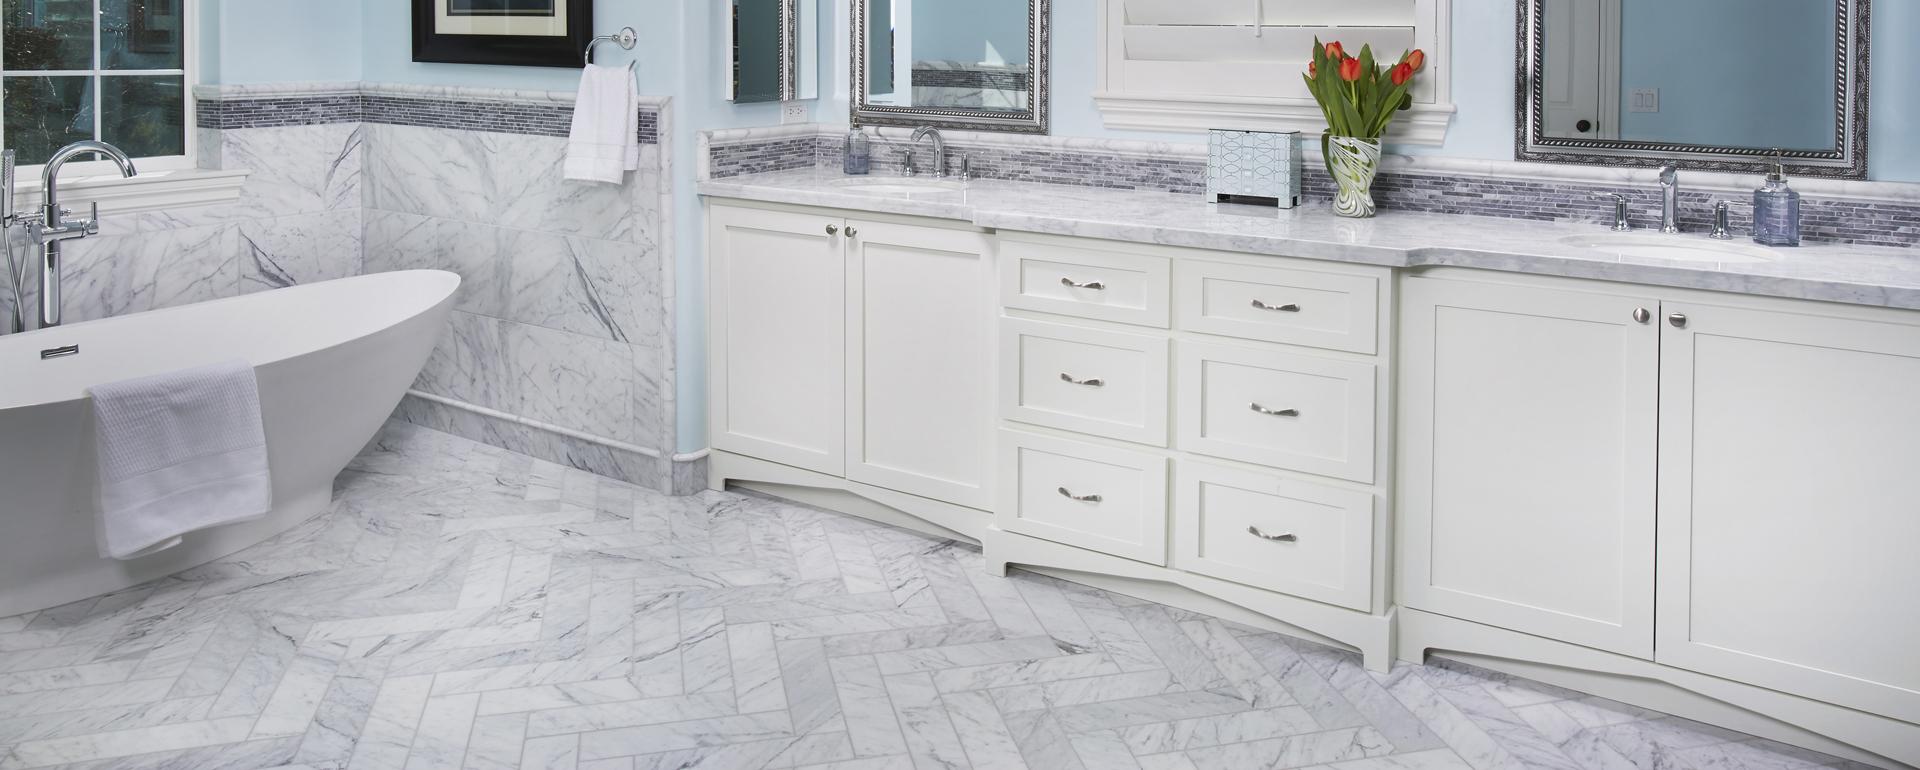 marble-bianco-venatino-install-hero2.jpg